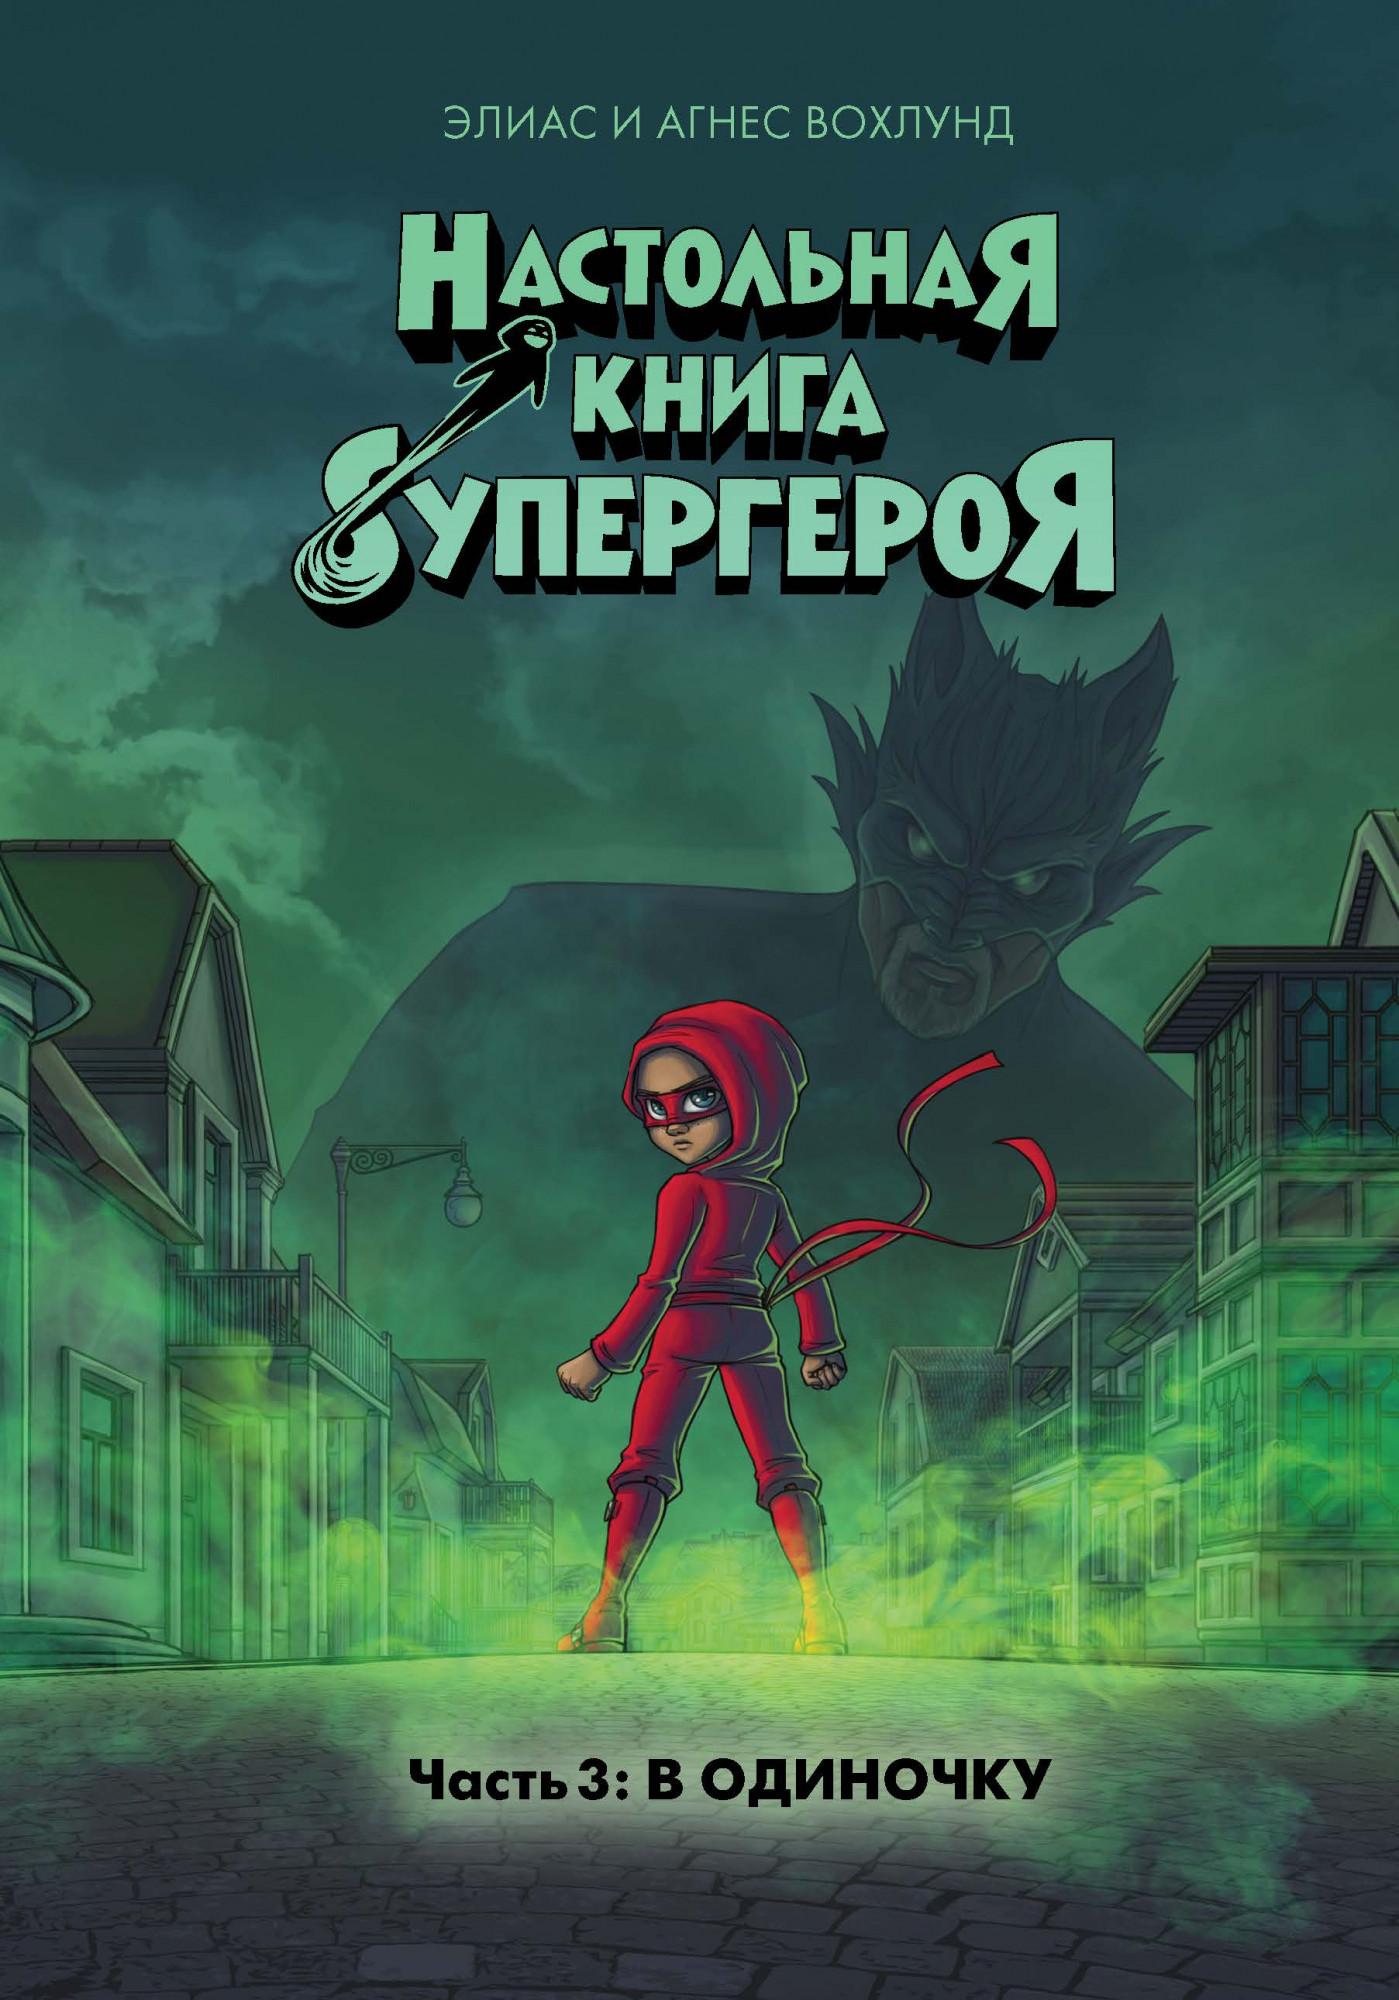 Купить В Одиночку. настольная книга Супергероя. Ч.3, Махаон, Сказки